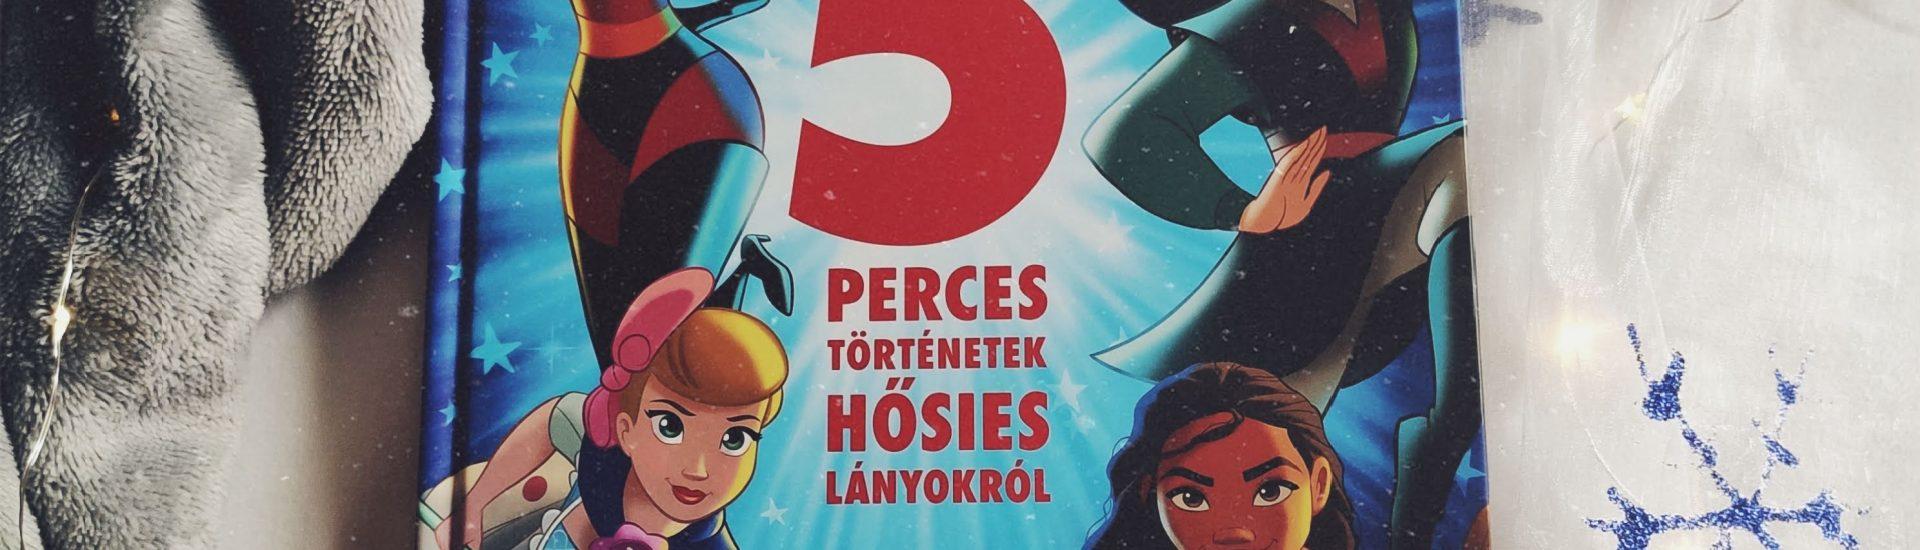 Disney – 5 perces történetek hősies lányokról + Nyereményjáték